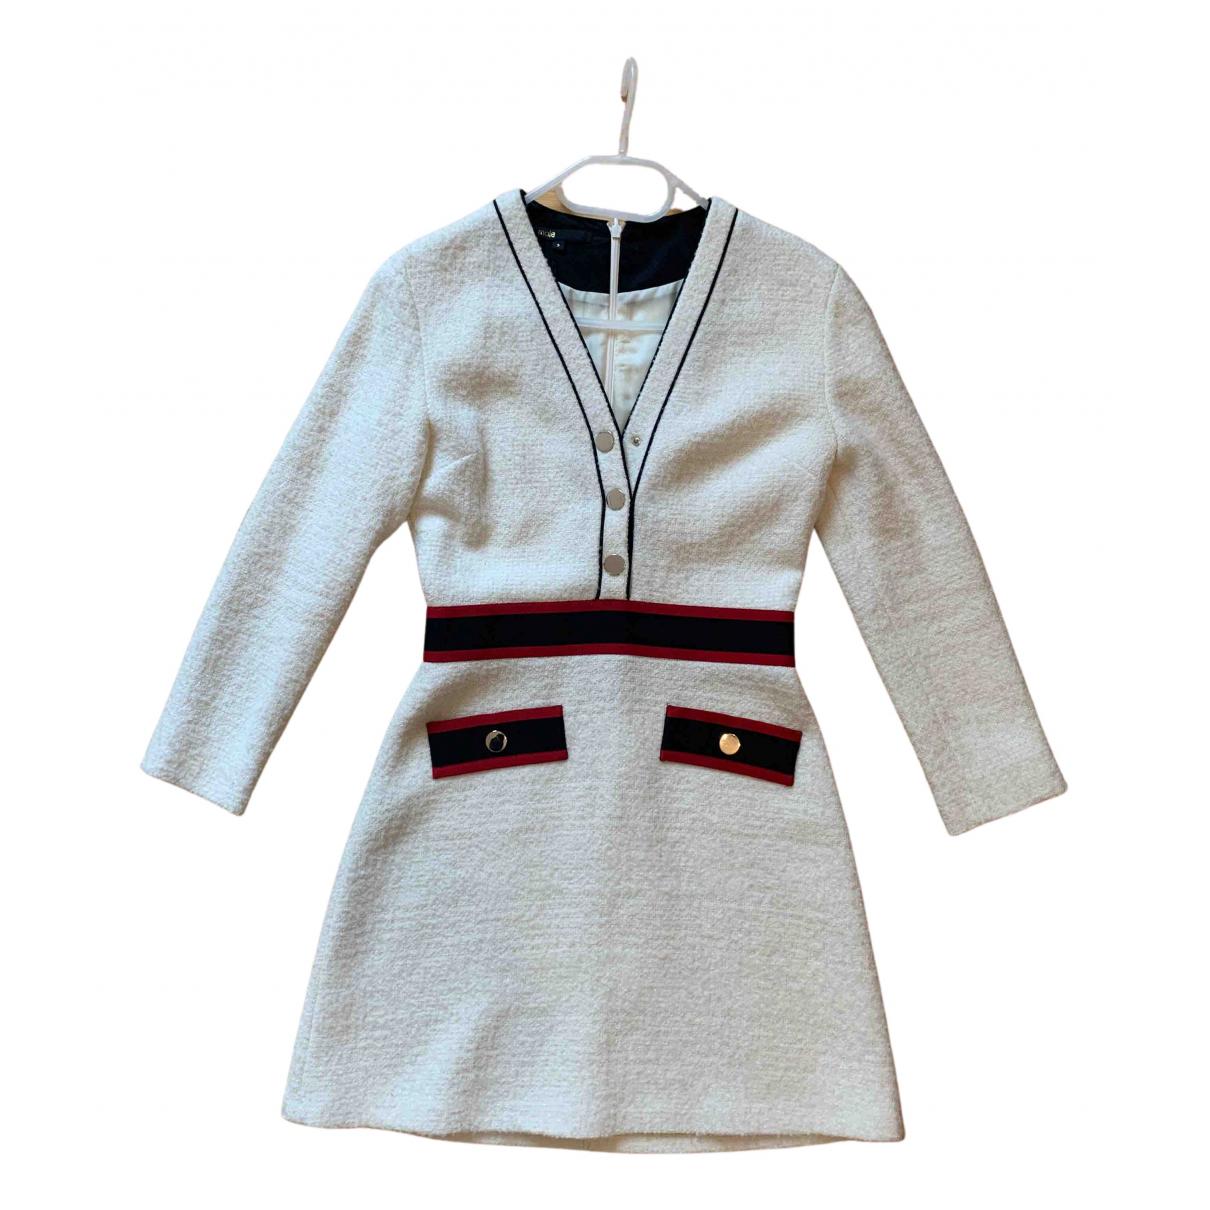 Maje Fall Winter 2019 Wool dress for Women 38 FR